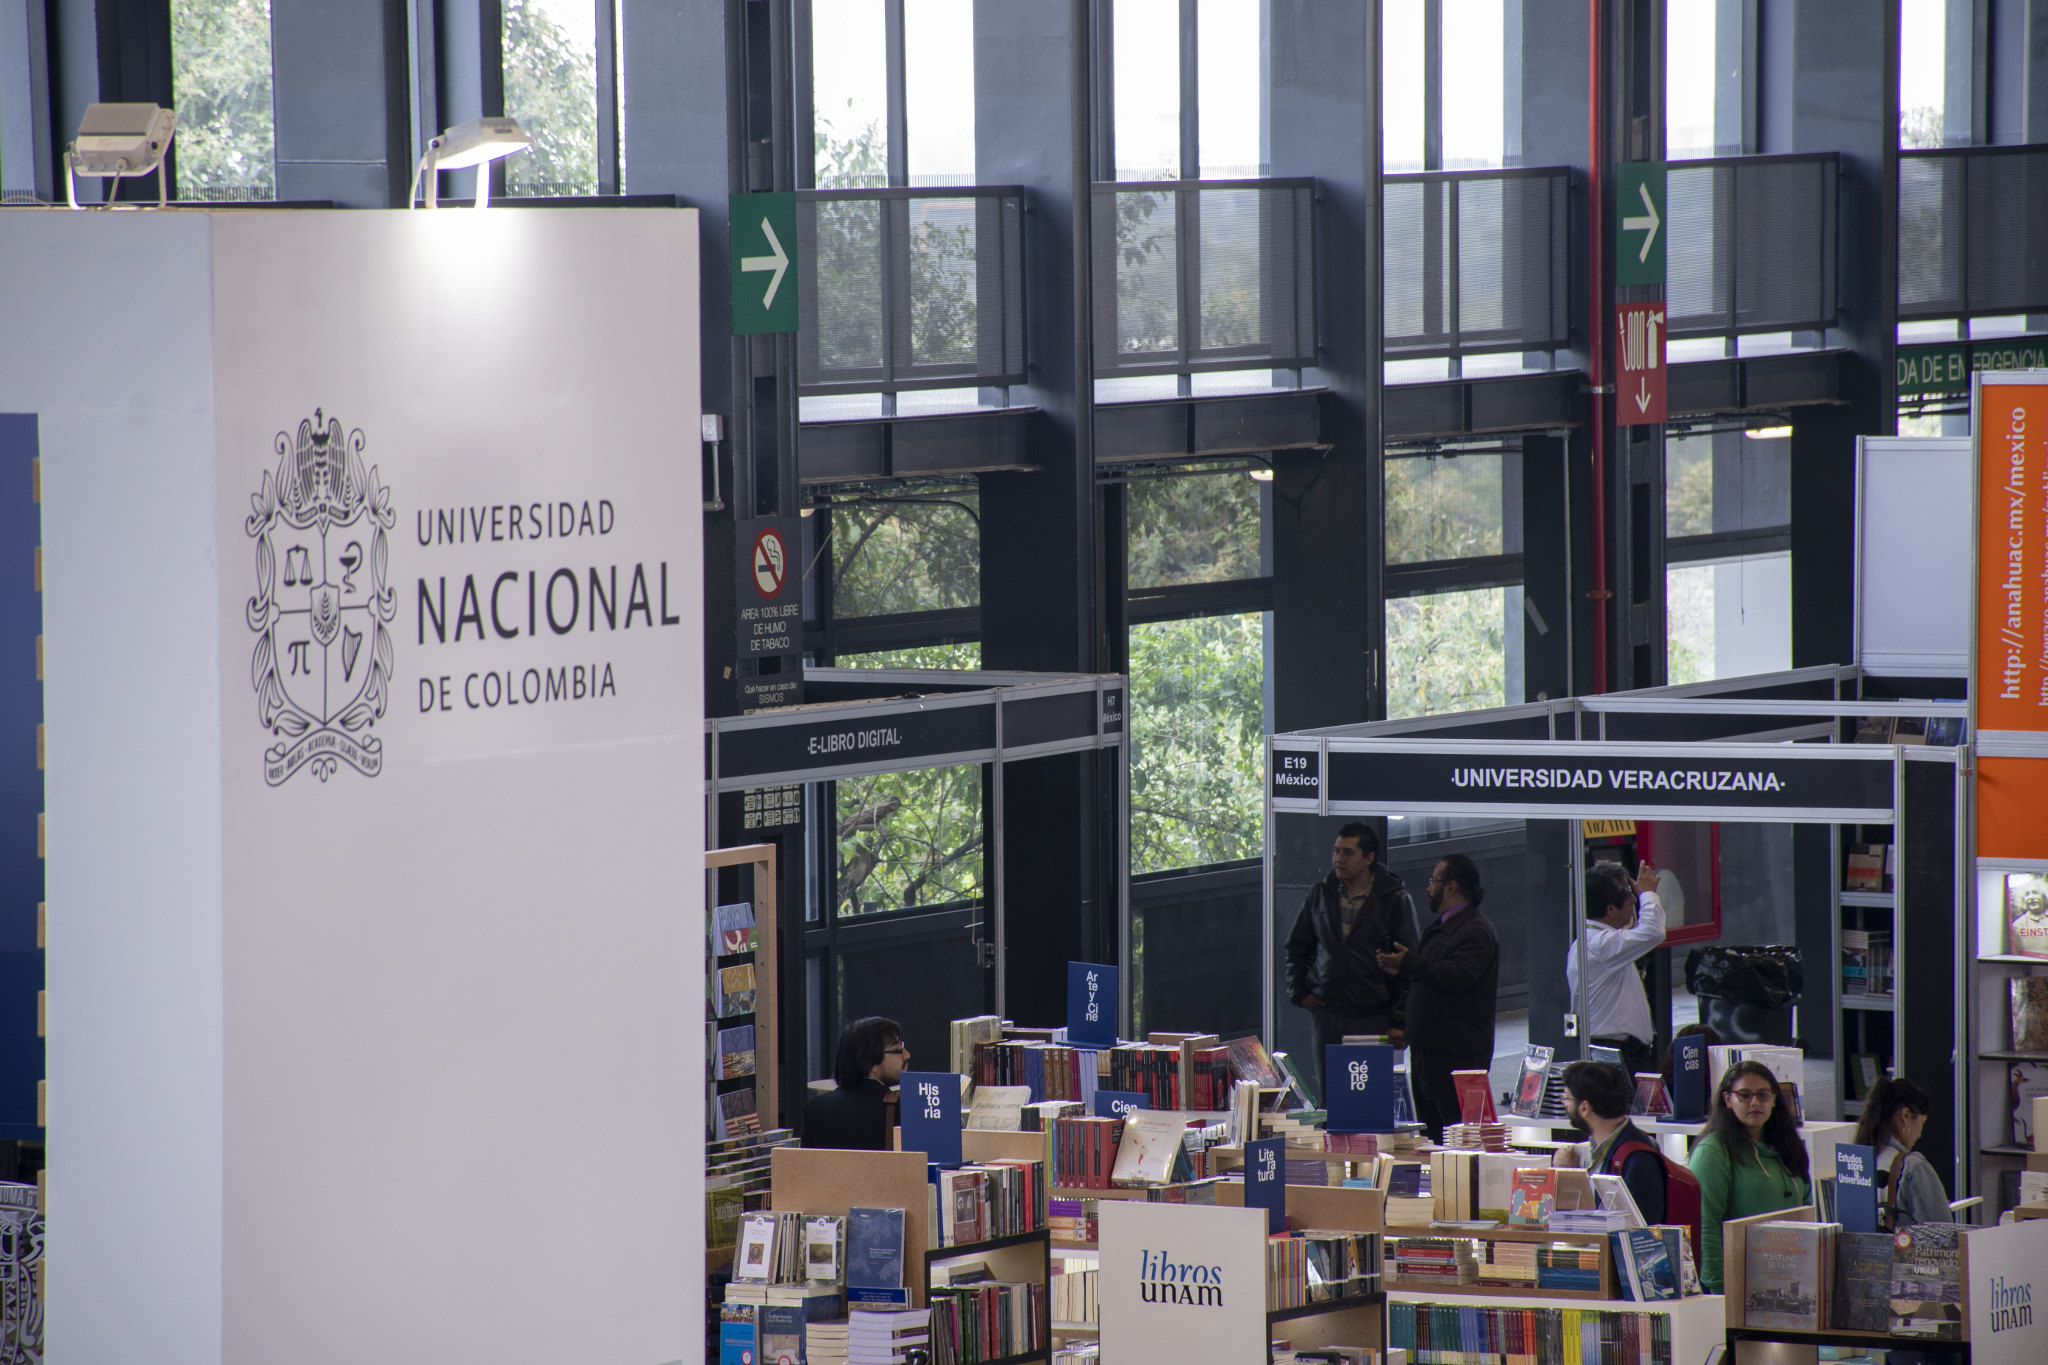 Foto: David Sánchez/Editorial UN